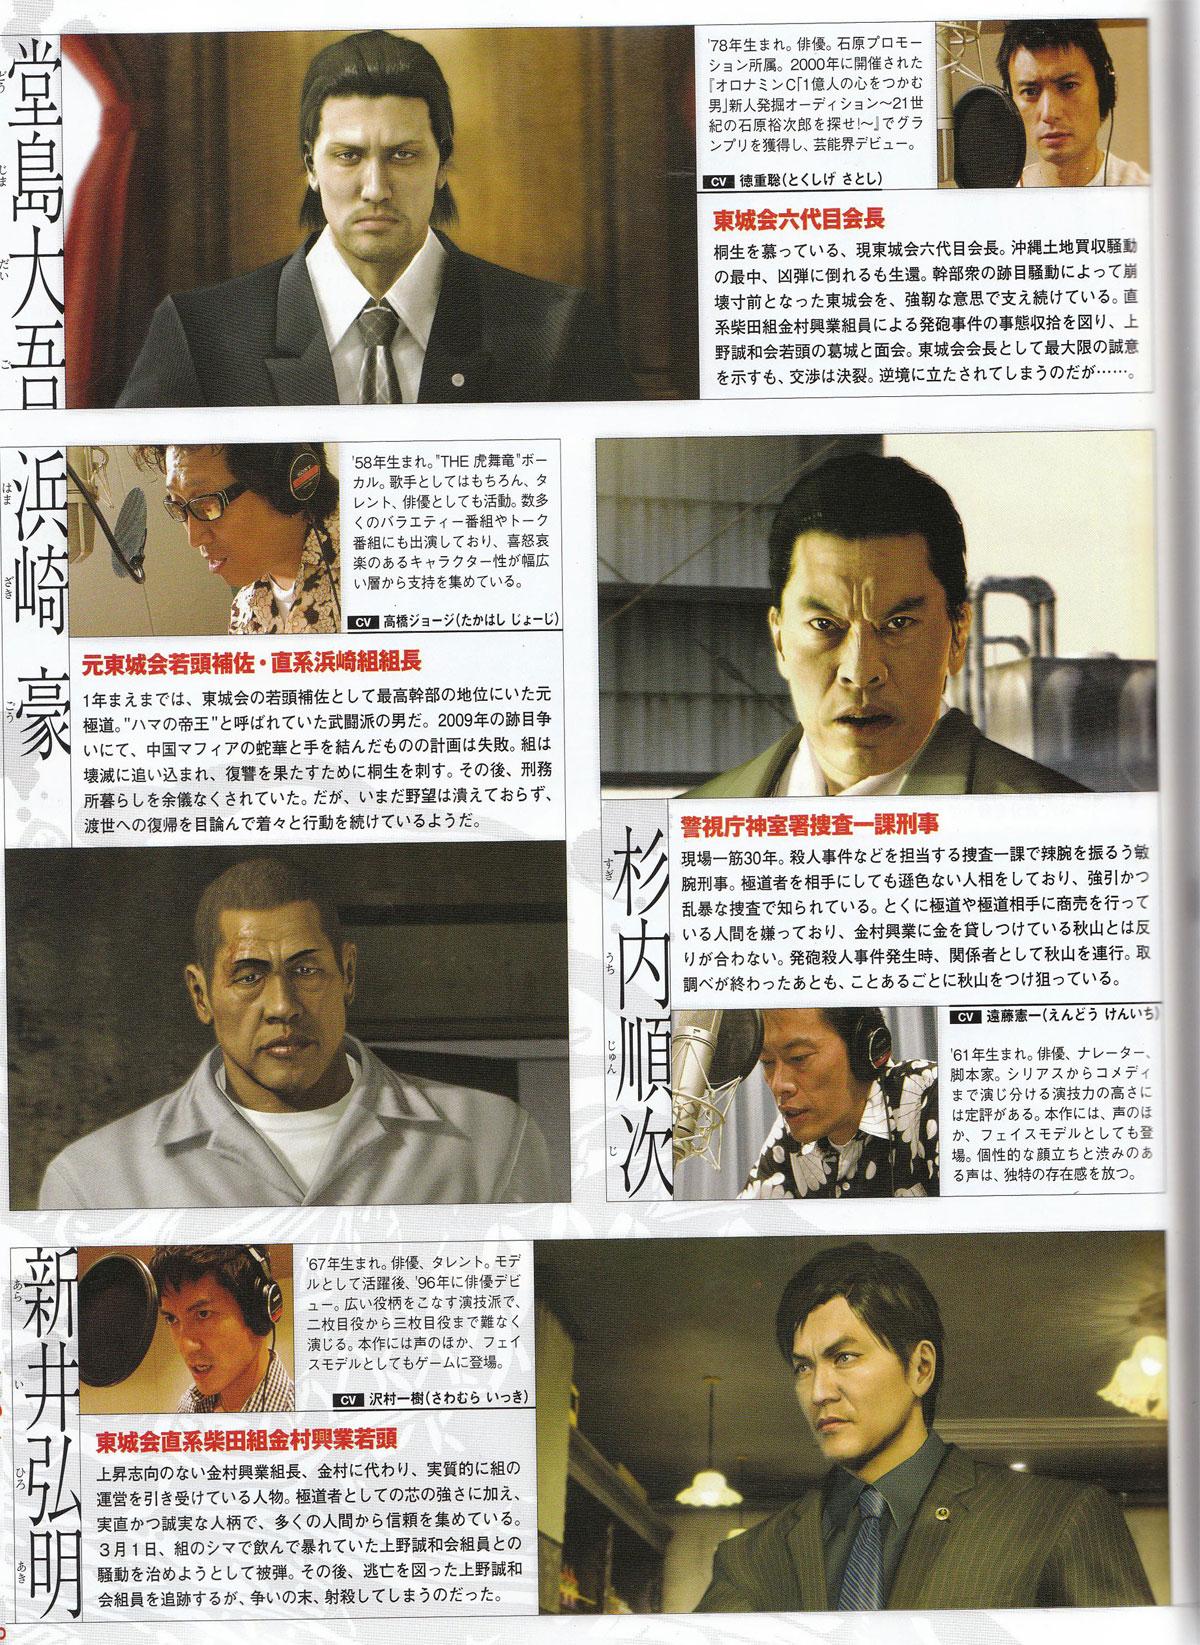 Ryu ga Gotoku 4 Famitsu 22-09-09 000